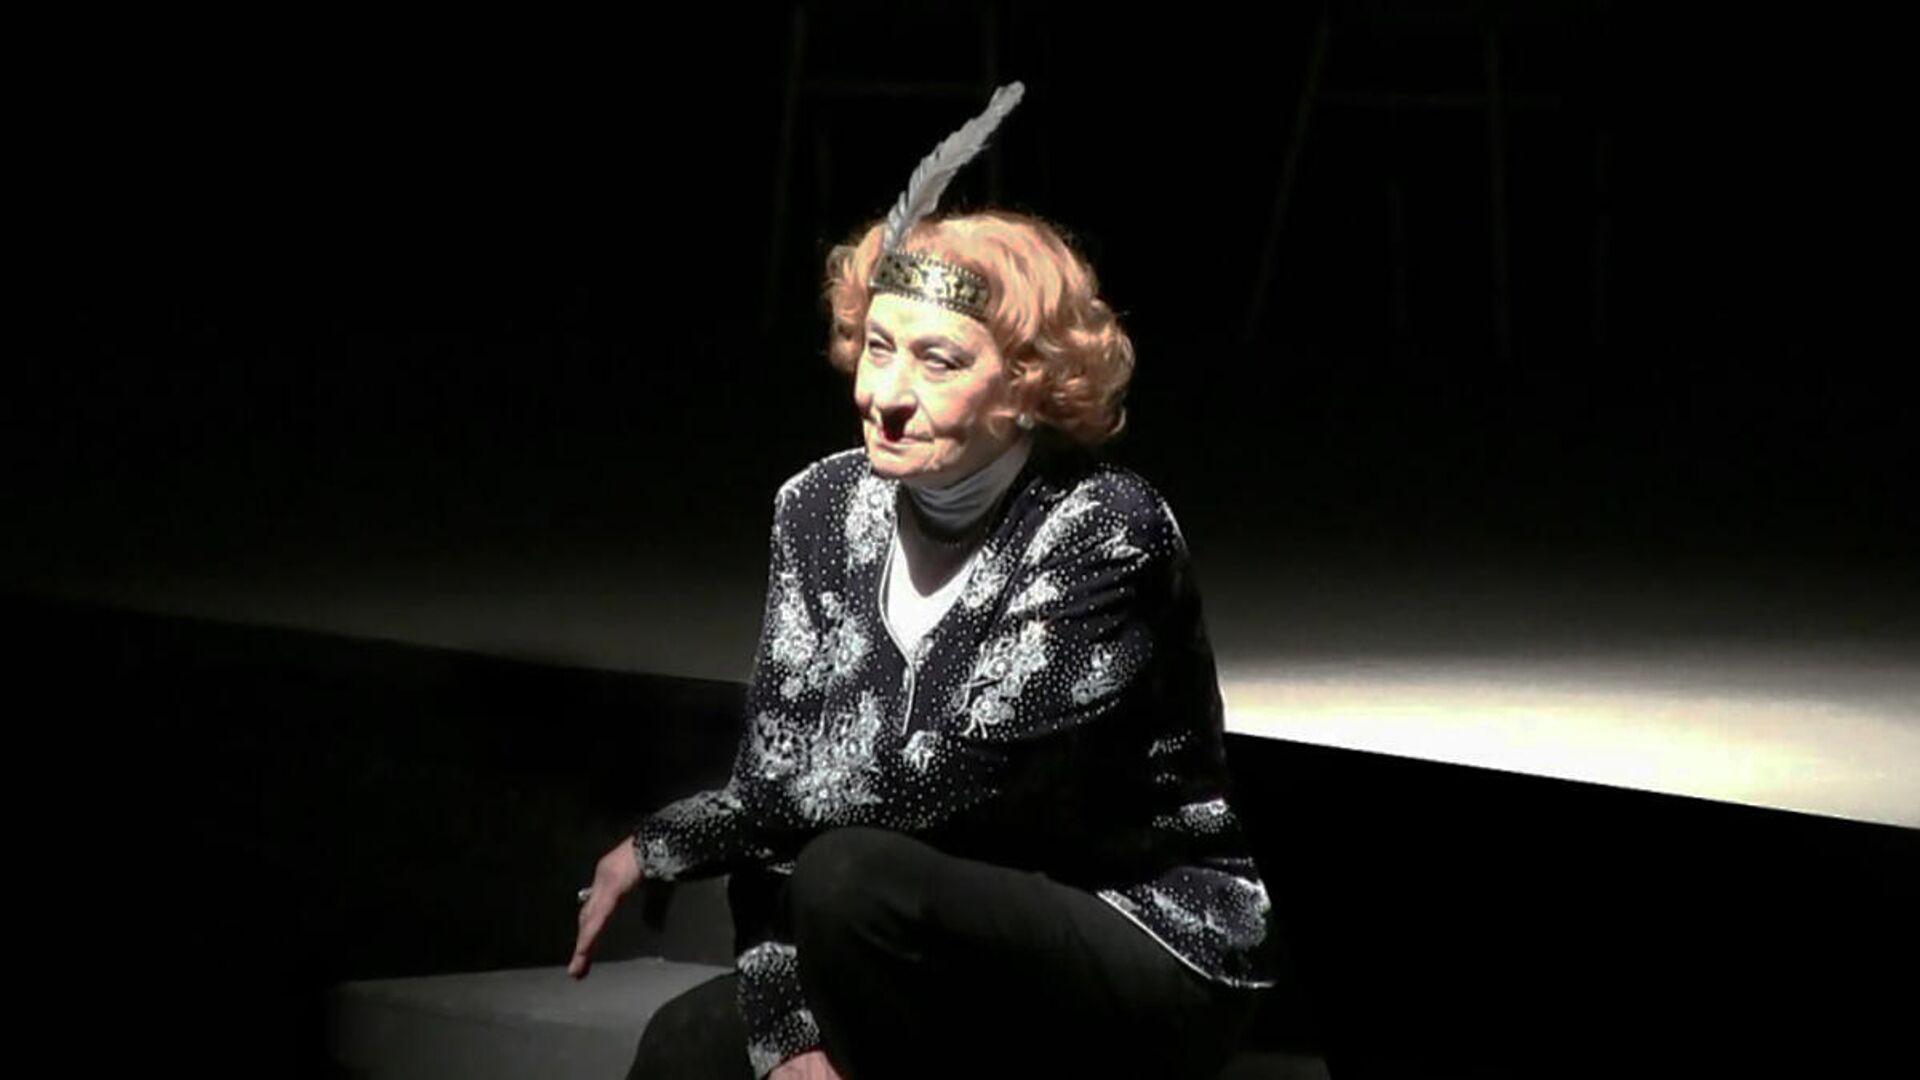 Народная артистка Российской Федерации Людмила Сичкарева - РИА Новости, 1920, 25.04.2021